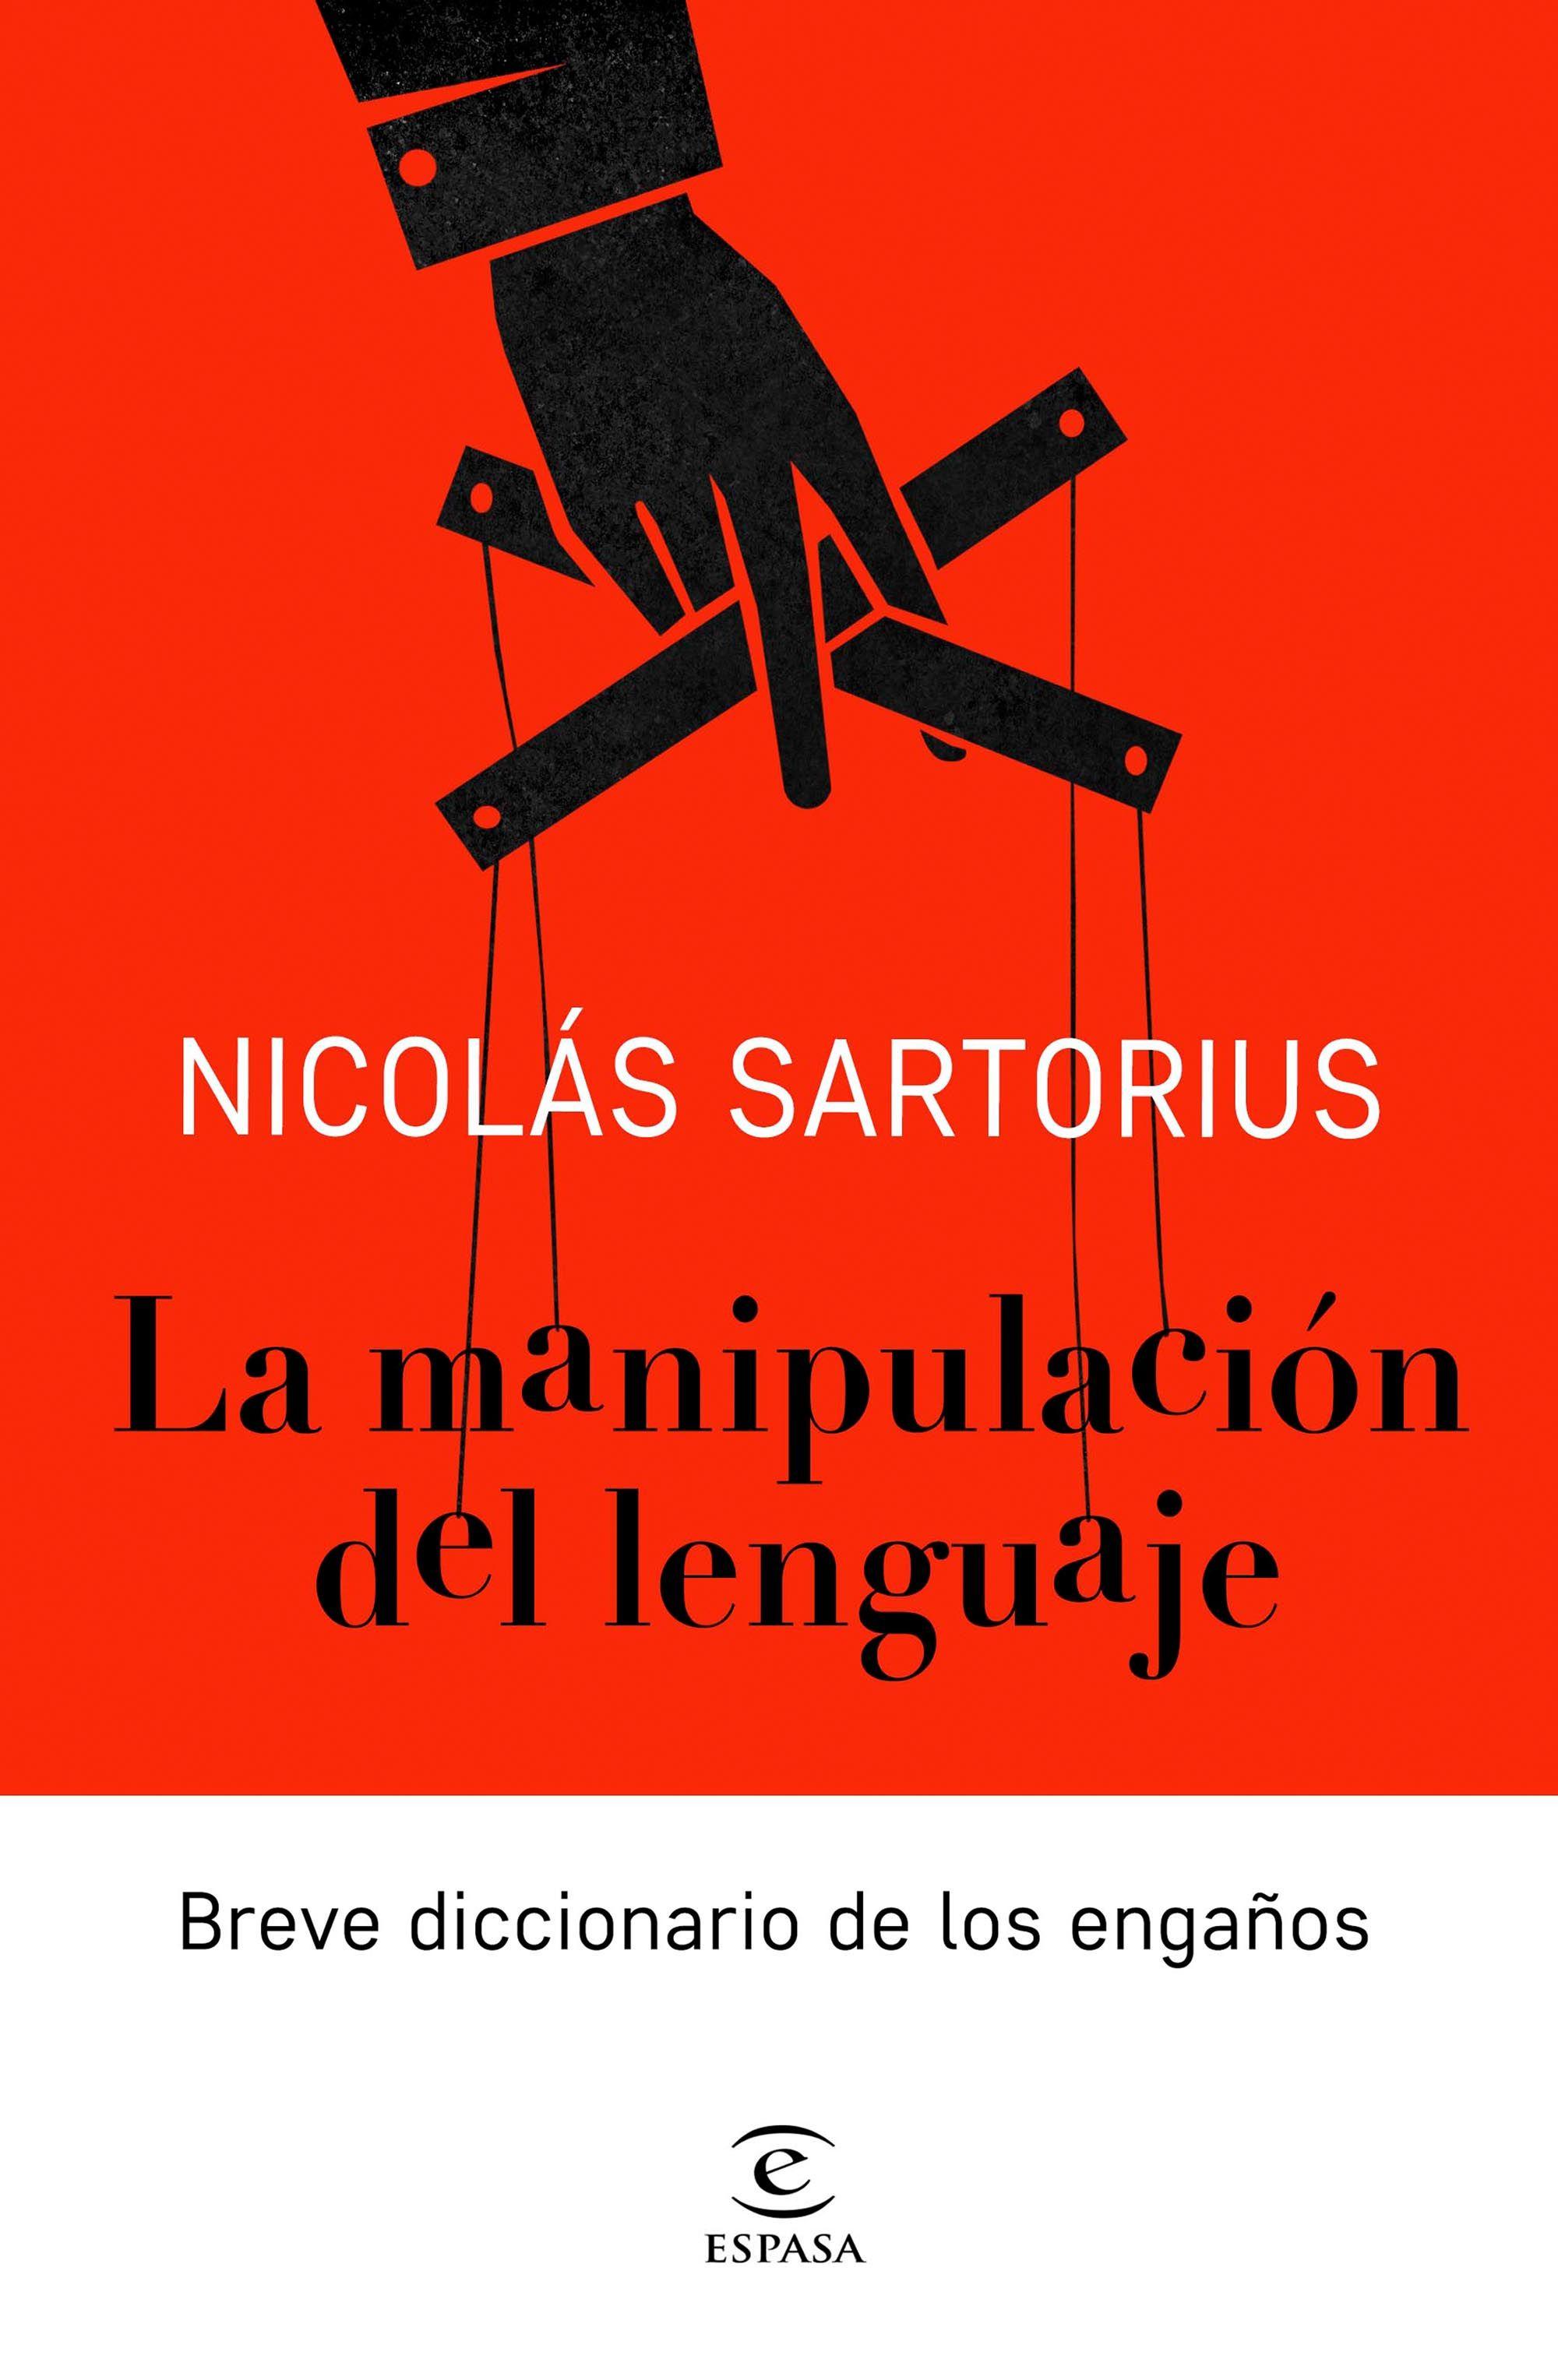 La manipulación del leguaje. Breve diccionario de engaños; de Nicolás Sartorius.